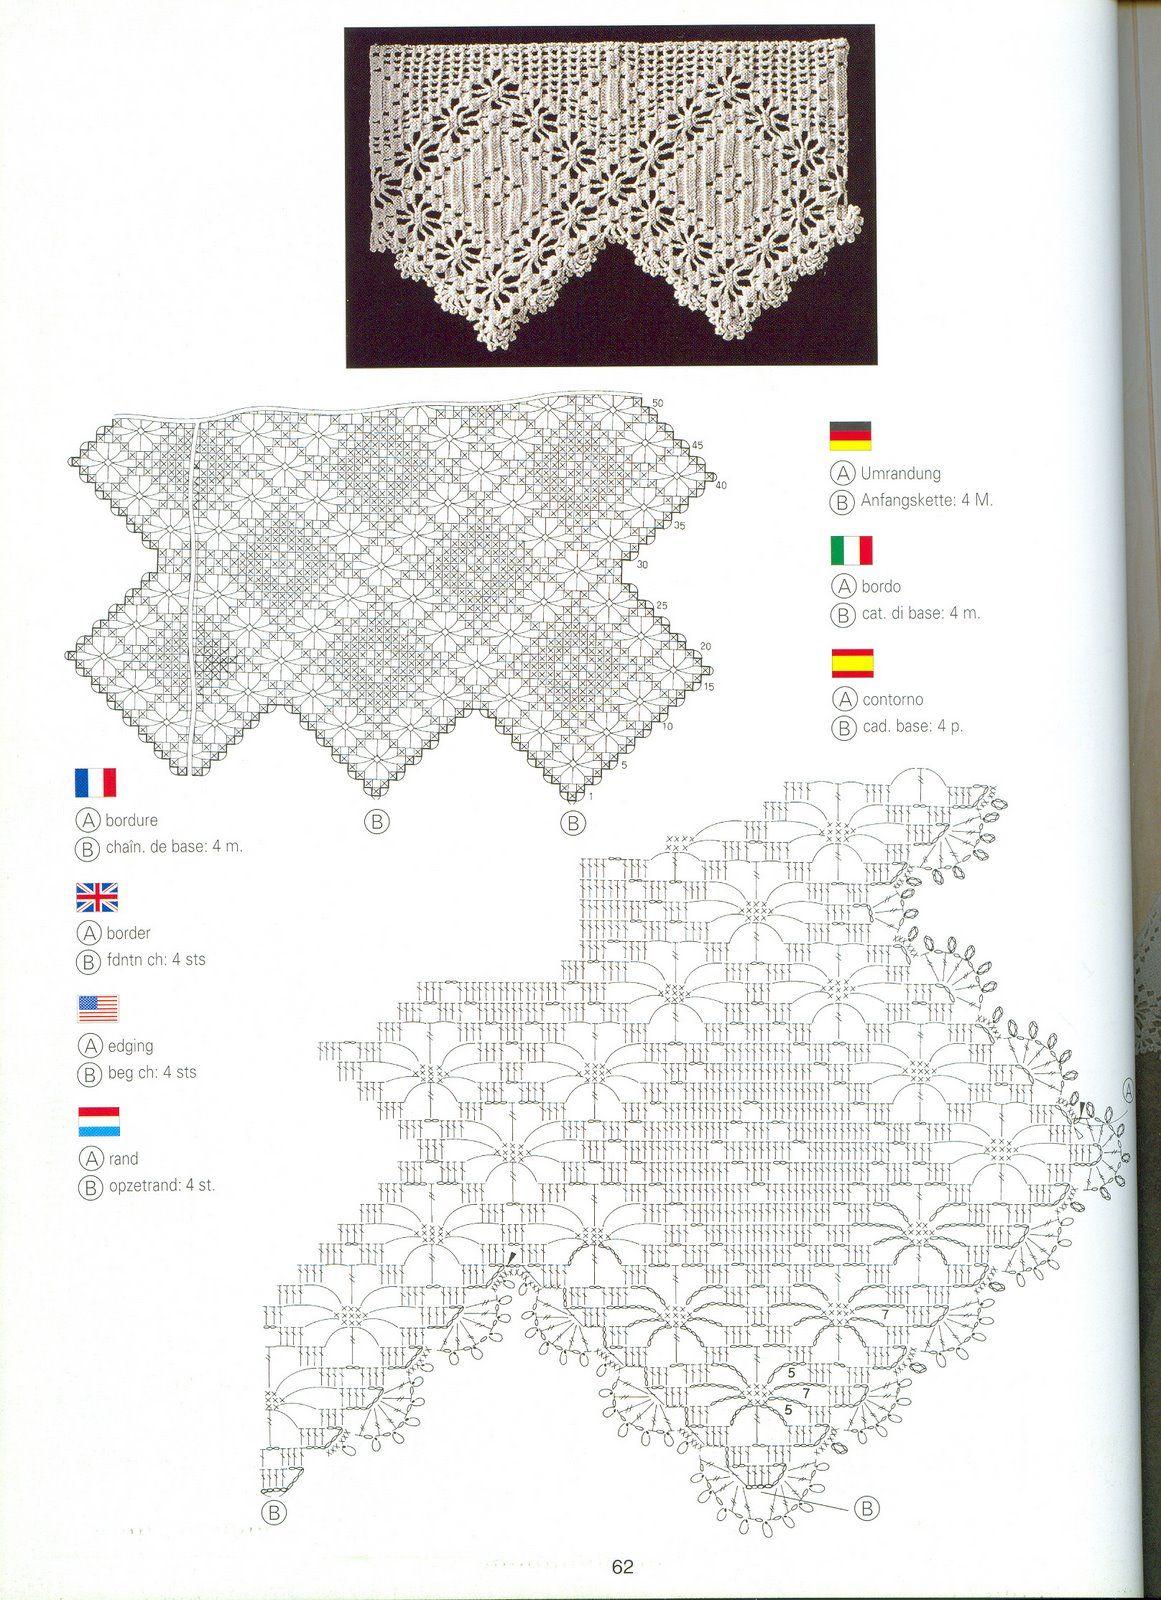 Libro único en tejer una serie de DMC. Creaciones Crochet D'or (Tamaño original) .. Debate sobre LiveInternet - diario Servicio ruso en línea